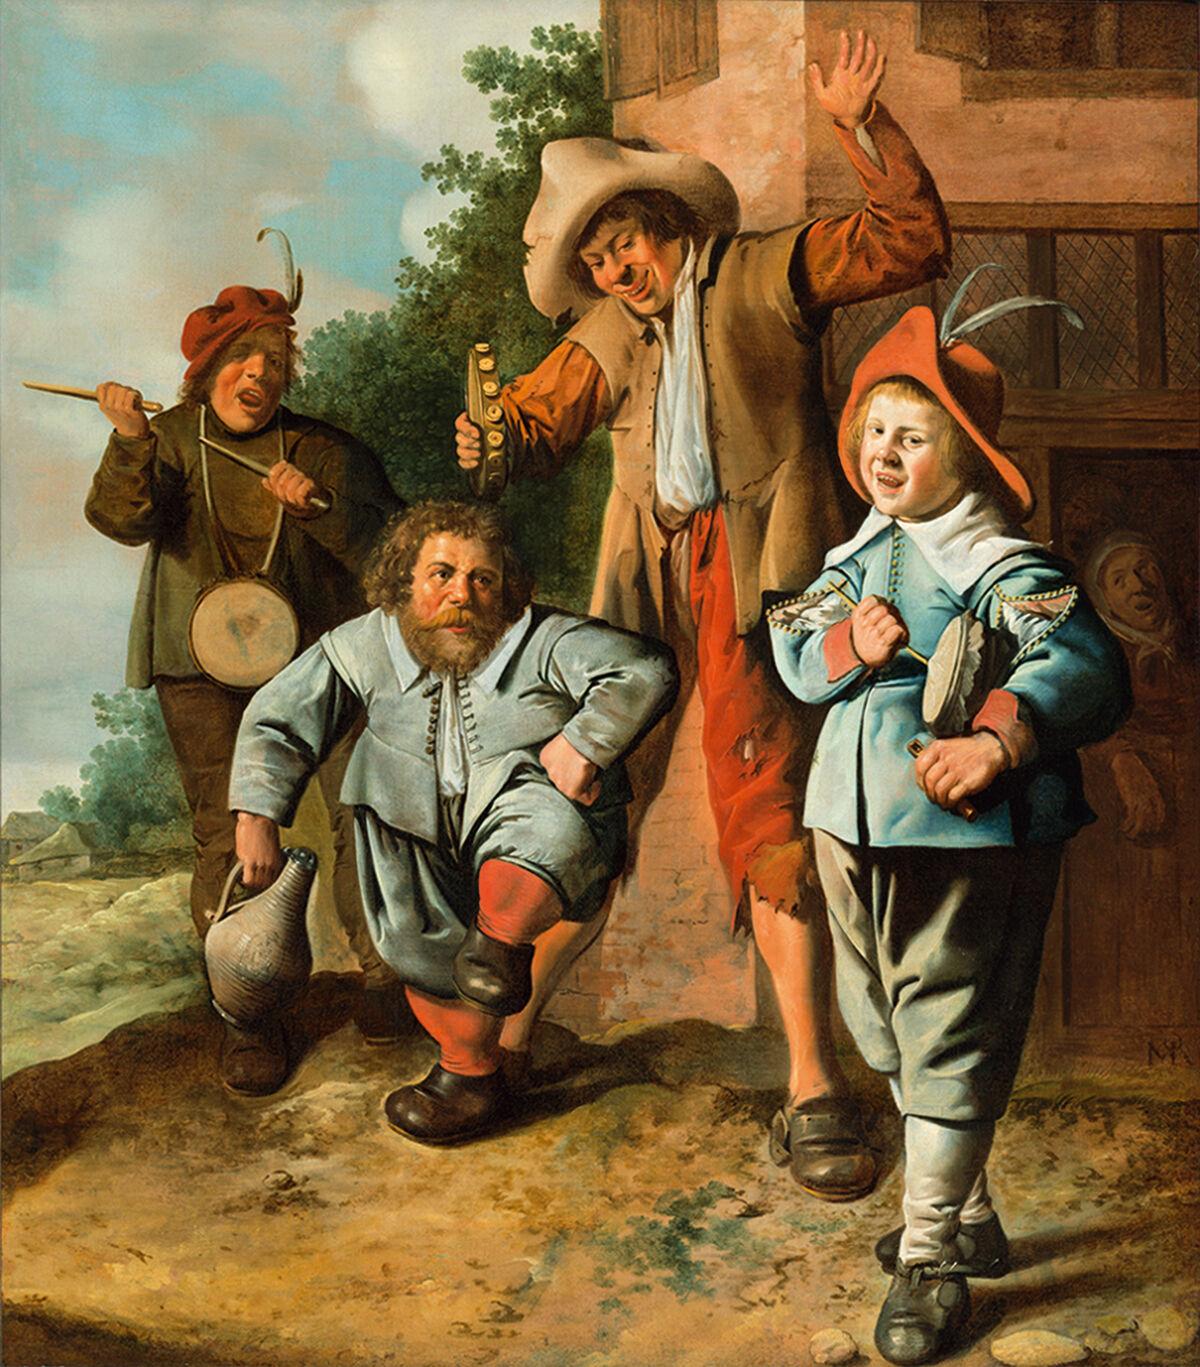 Jan Miense Molenaer, Jugendliche Musikanten und ein tanzender Zwerg, ca. 1630-1635. © SØR Rusche Sammlung Oelde/Berlin. Photo by SØR Rusche Sammlung Oelde/Berlin. Courtesy of Bucerius Kunst Forum.